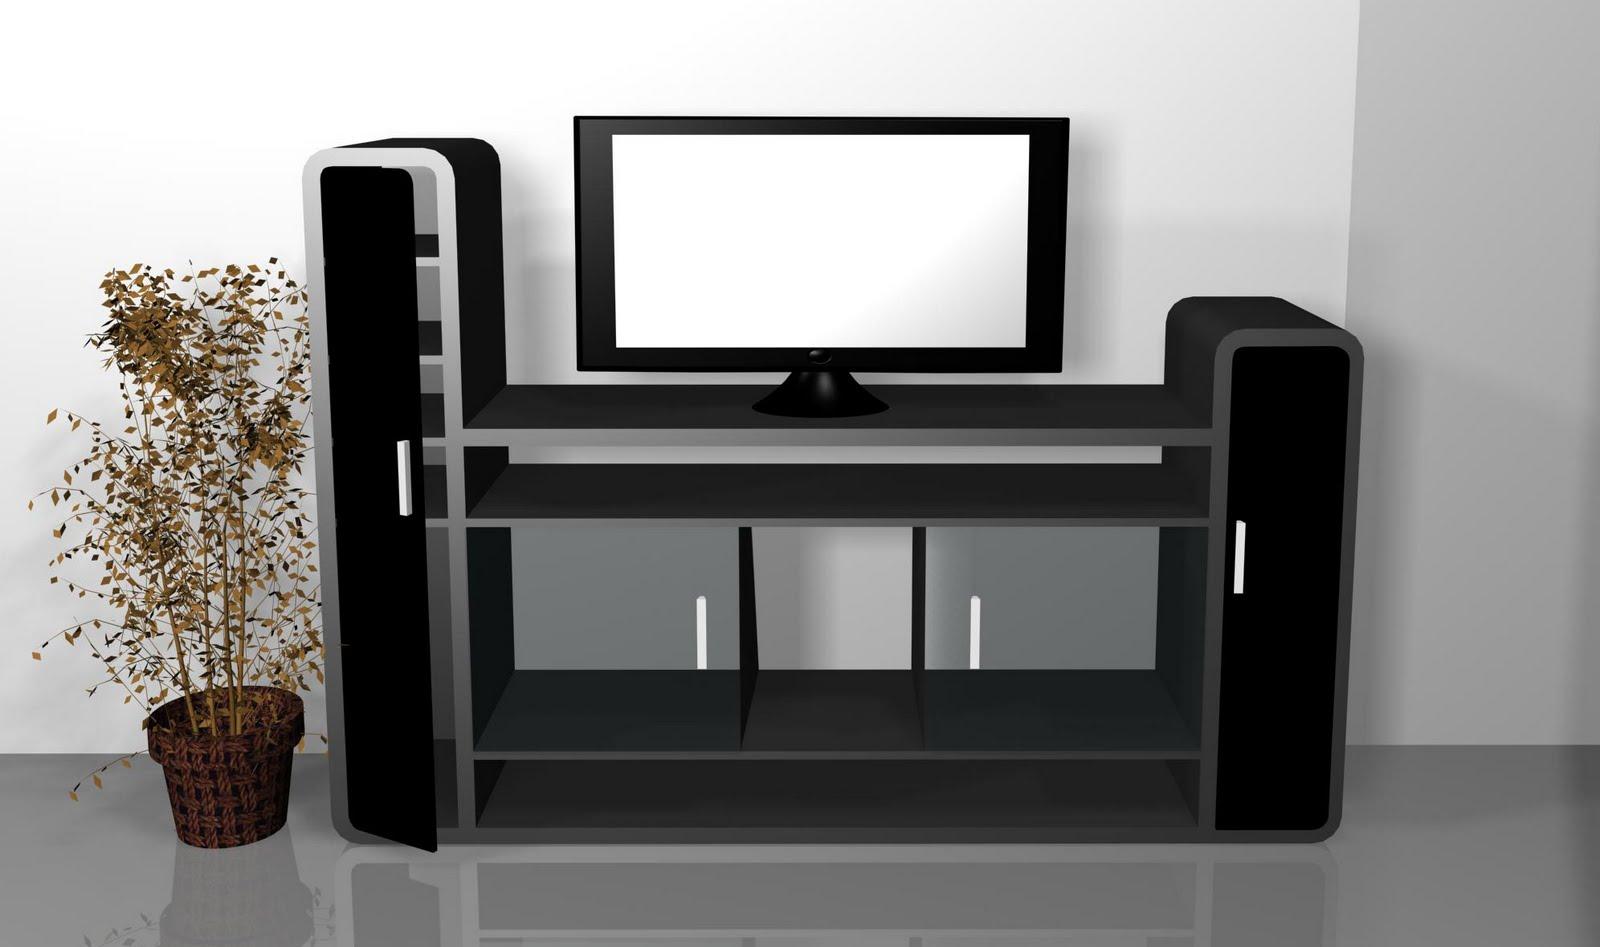 Cuarto julio 2010 for Disenos de modulares modernos